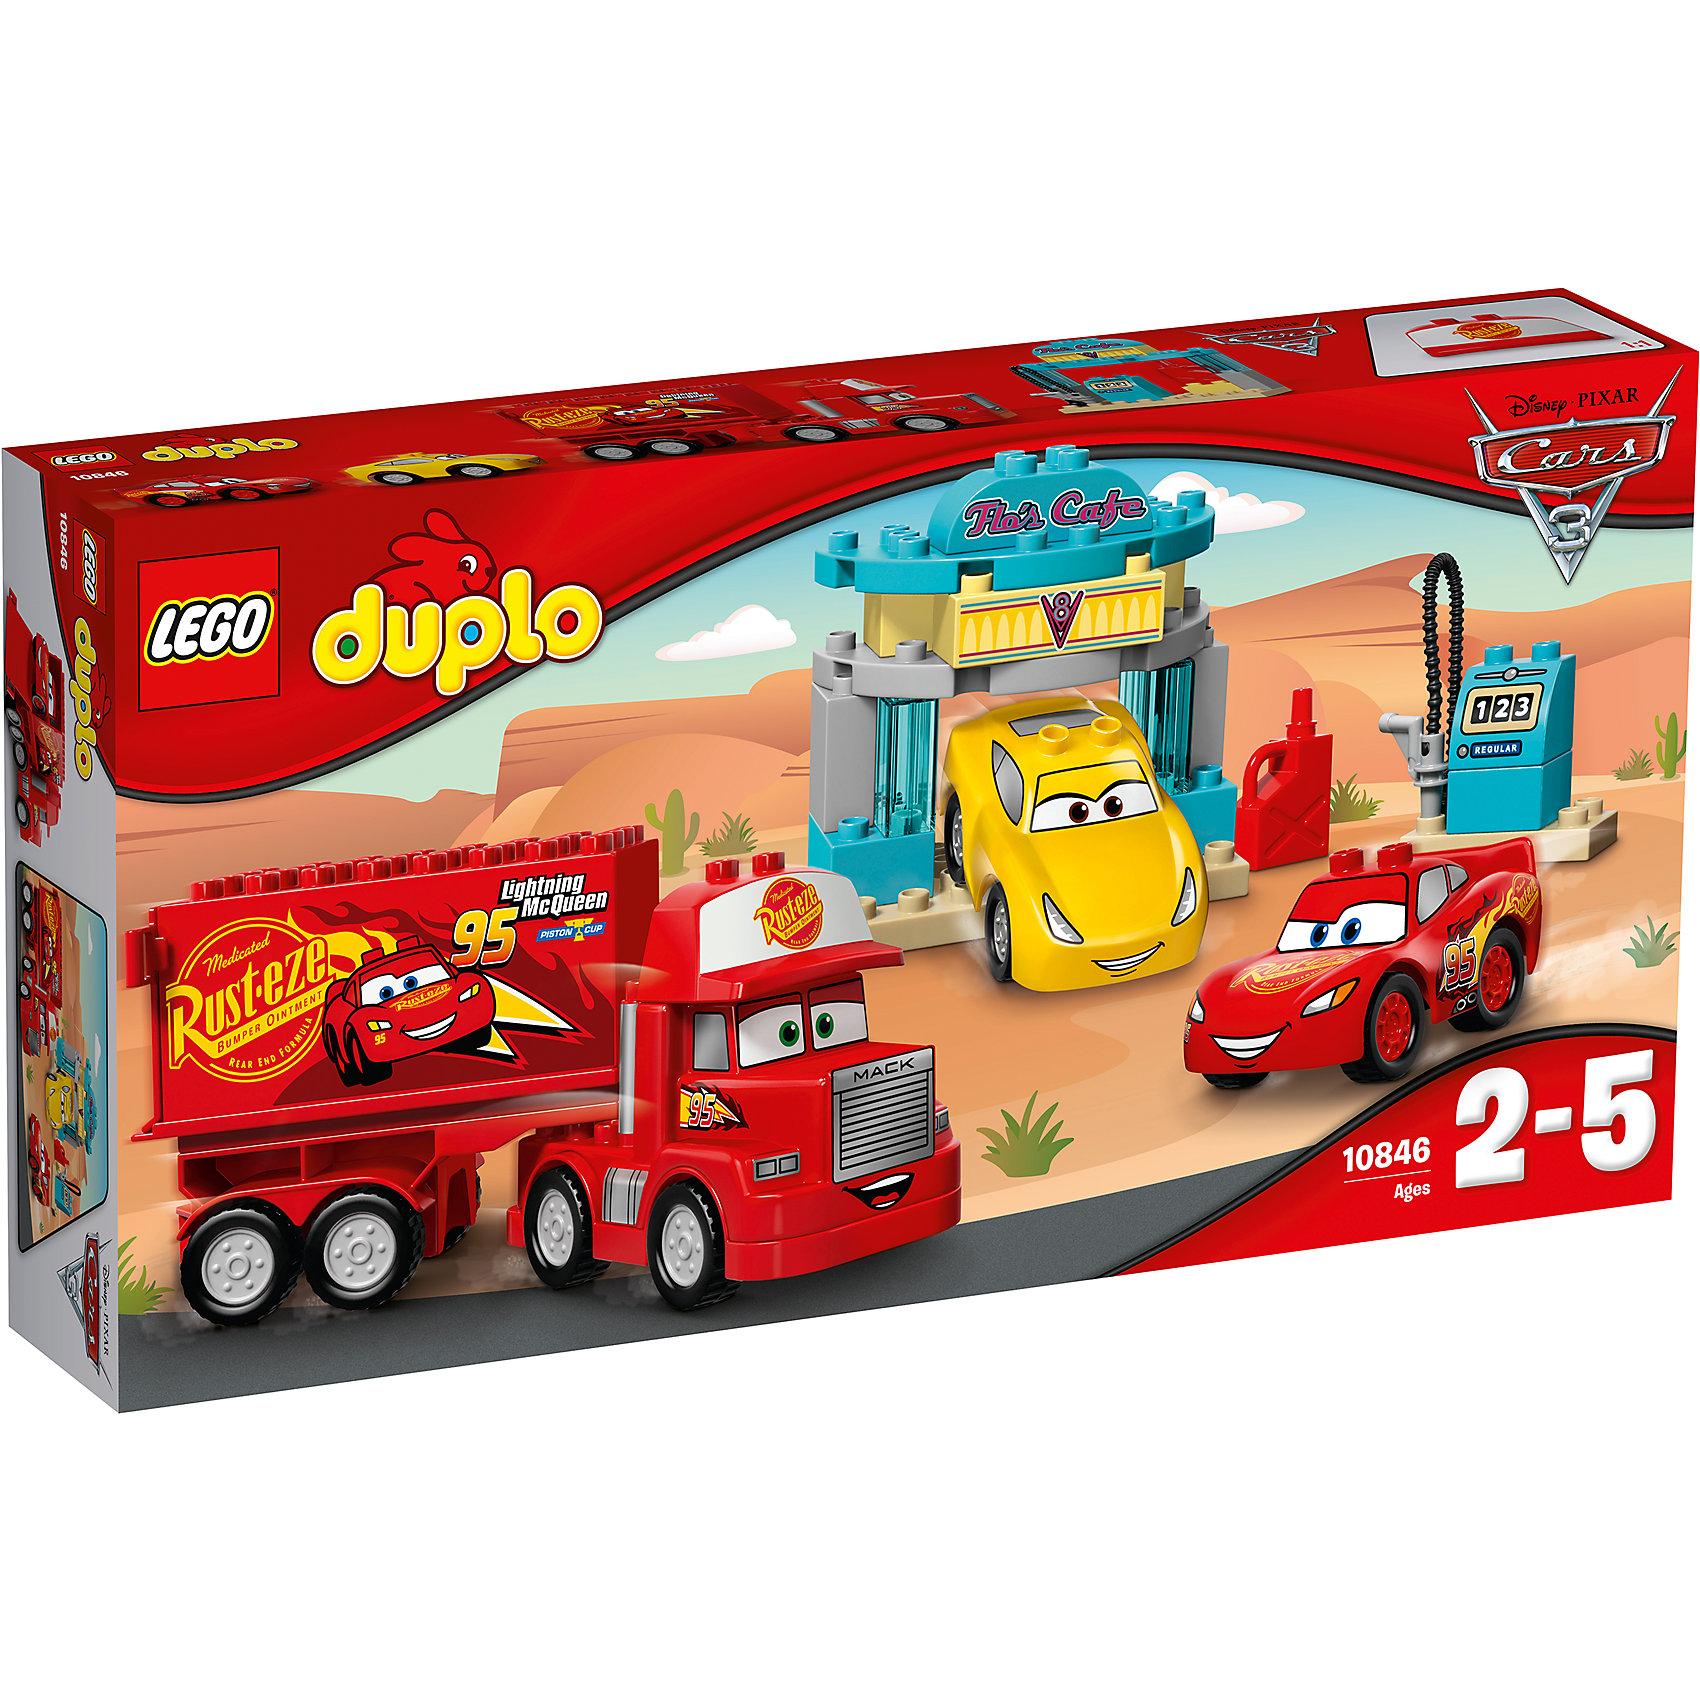 Конструктор LEGO DUPLO 10846 Тачки 3: Кафе ФлоКонструкторы для малышей<br>Характеристики товара:<br><br>• возраст: от 2 лет;<br>• материал: пластик;<br>• в комплекте: 28 деталей, инструкция;<br>• размер упаковки: 28,2х9,1х54 см;<br>• вес упаковки: 930 гр.;<br>• страна производитель: Китай.<br><br>Конструктор Lego Duplo «Кафе Фло» создан по мотивам мультфильма «Тачки 3». Кафе Фло — настоящее кафе для машинок, где они могут подзаправиться топливом. Тут можно найти заправочную станцию со шлангом и небольшую арку для заезда. Сюда заехали Молния МакКуин, грузовик Мак и Круз Рамирес. При этом Молния МакКуин приехал не сам, а поместился в кузове грузовичка Мака.<br><br>Из элементов предстоит собрать 3 машинки, топливную станцию, арку. Все детали конструктора созданы из качественных безопасных материалов. В процессе сборки у ребенка развивается мелкая моторика рук, усидчивость, логическое мышление.<br><br>Конструктор Lego Duplo «Кафе Фло» можно приобрести в нашем интернет-магазине.<br><br>Ширина мм: 541<br>Глубина мм: 281<br>Высота мм: 96<br>Вес г: 947<br>Возраст от месяцев: 24<br>Возраст до месяцев: 2147483647<br>Пол: Мужской<br>Возраст: Детский<br>SKU: 5620069